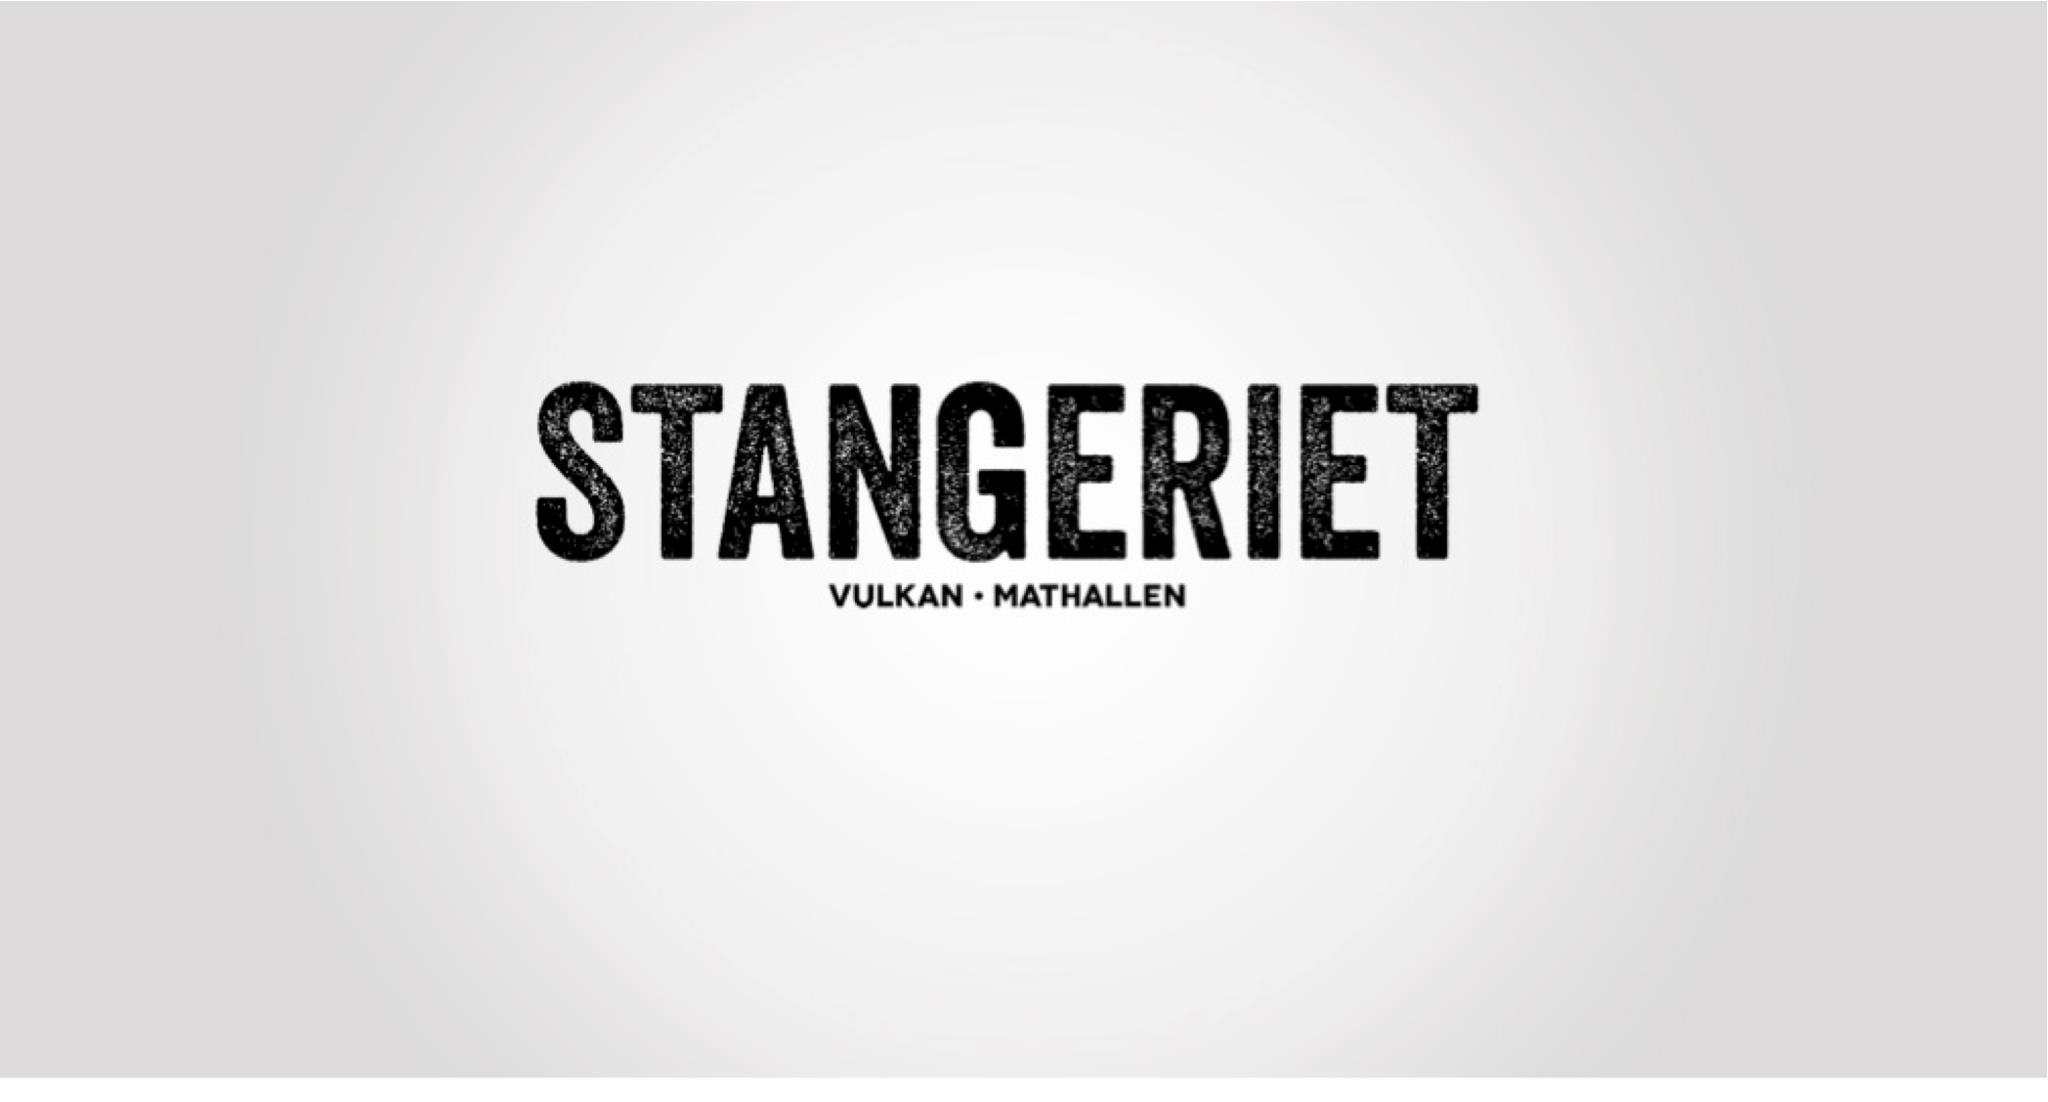 Bilde av logo Stangeriet